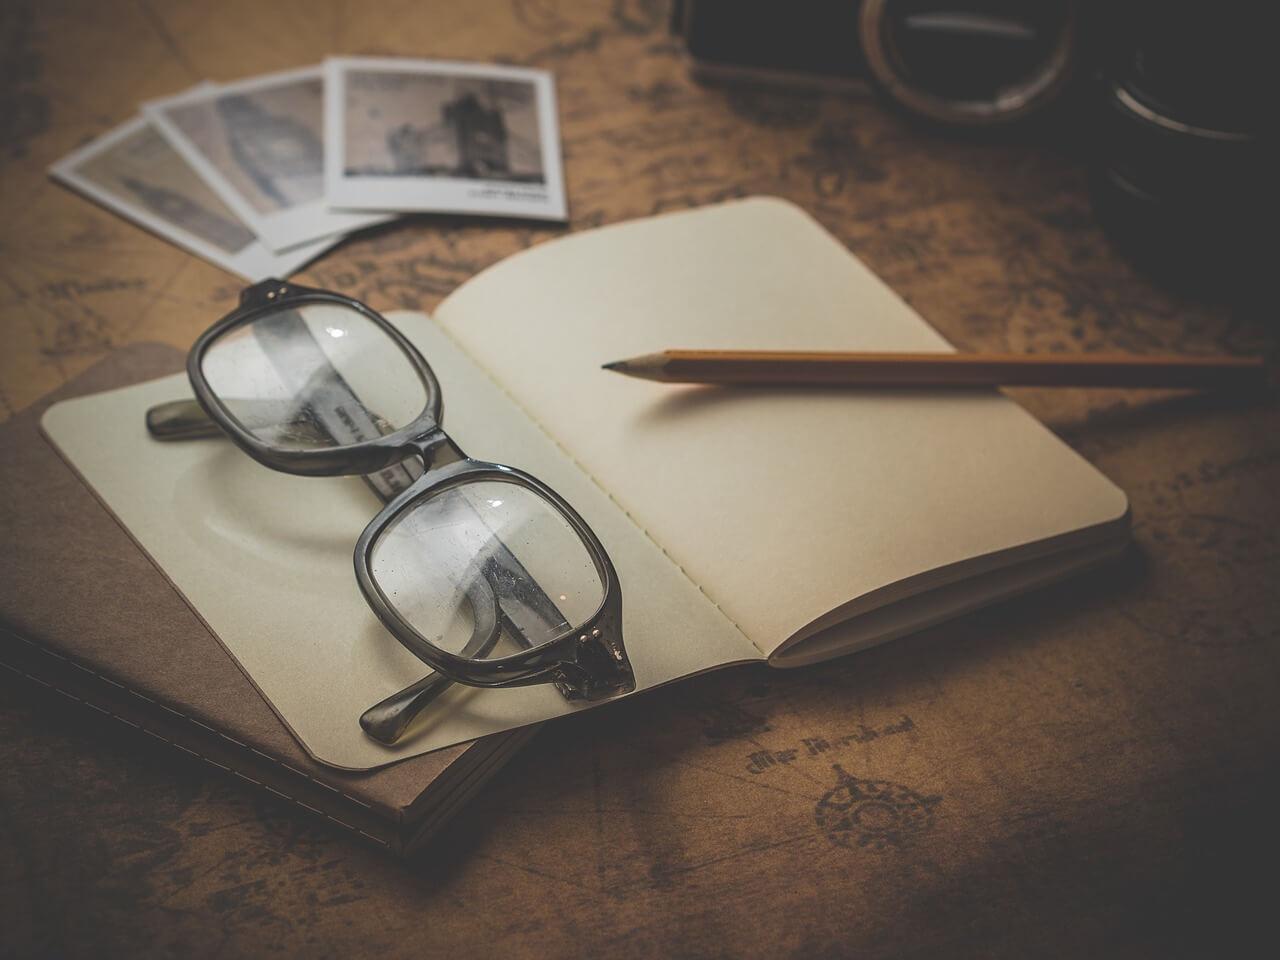 Z tego artykułu dowiesz się, czym jest content marketing i jakie są jego rodzaje!